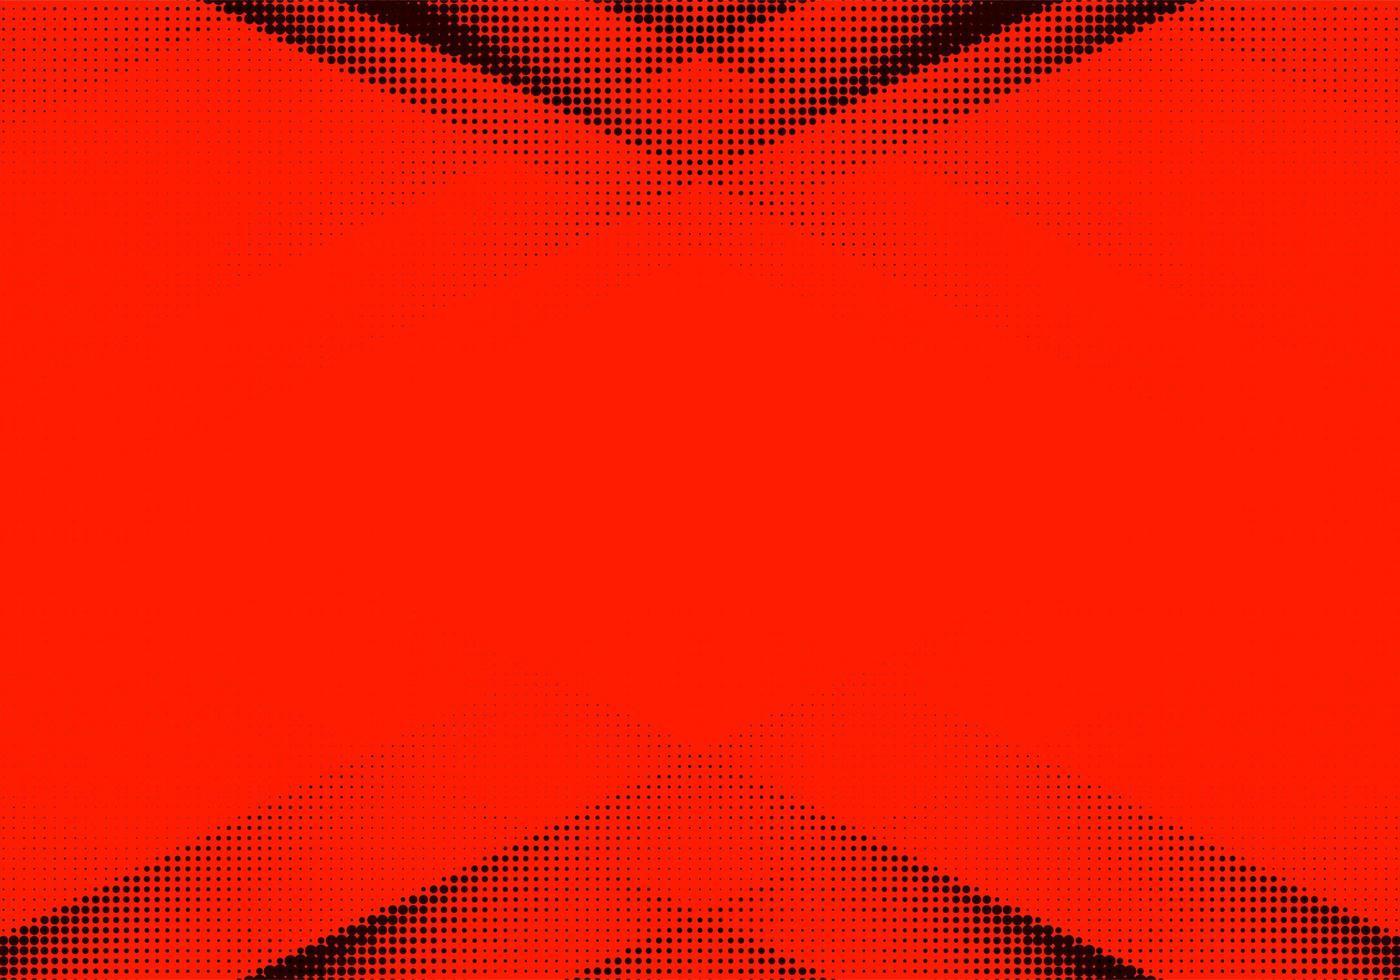 abstrakter roter und schwarzer gepunkteter Hintergrund vektor